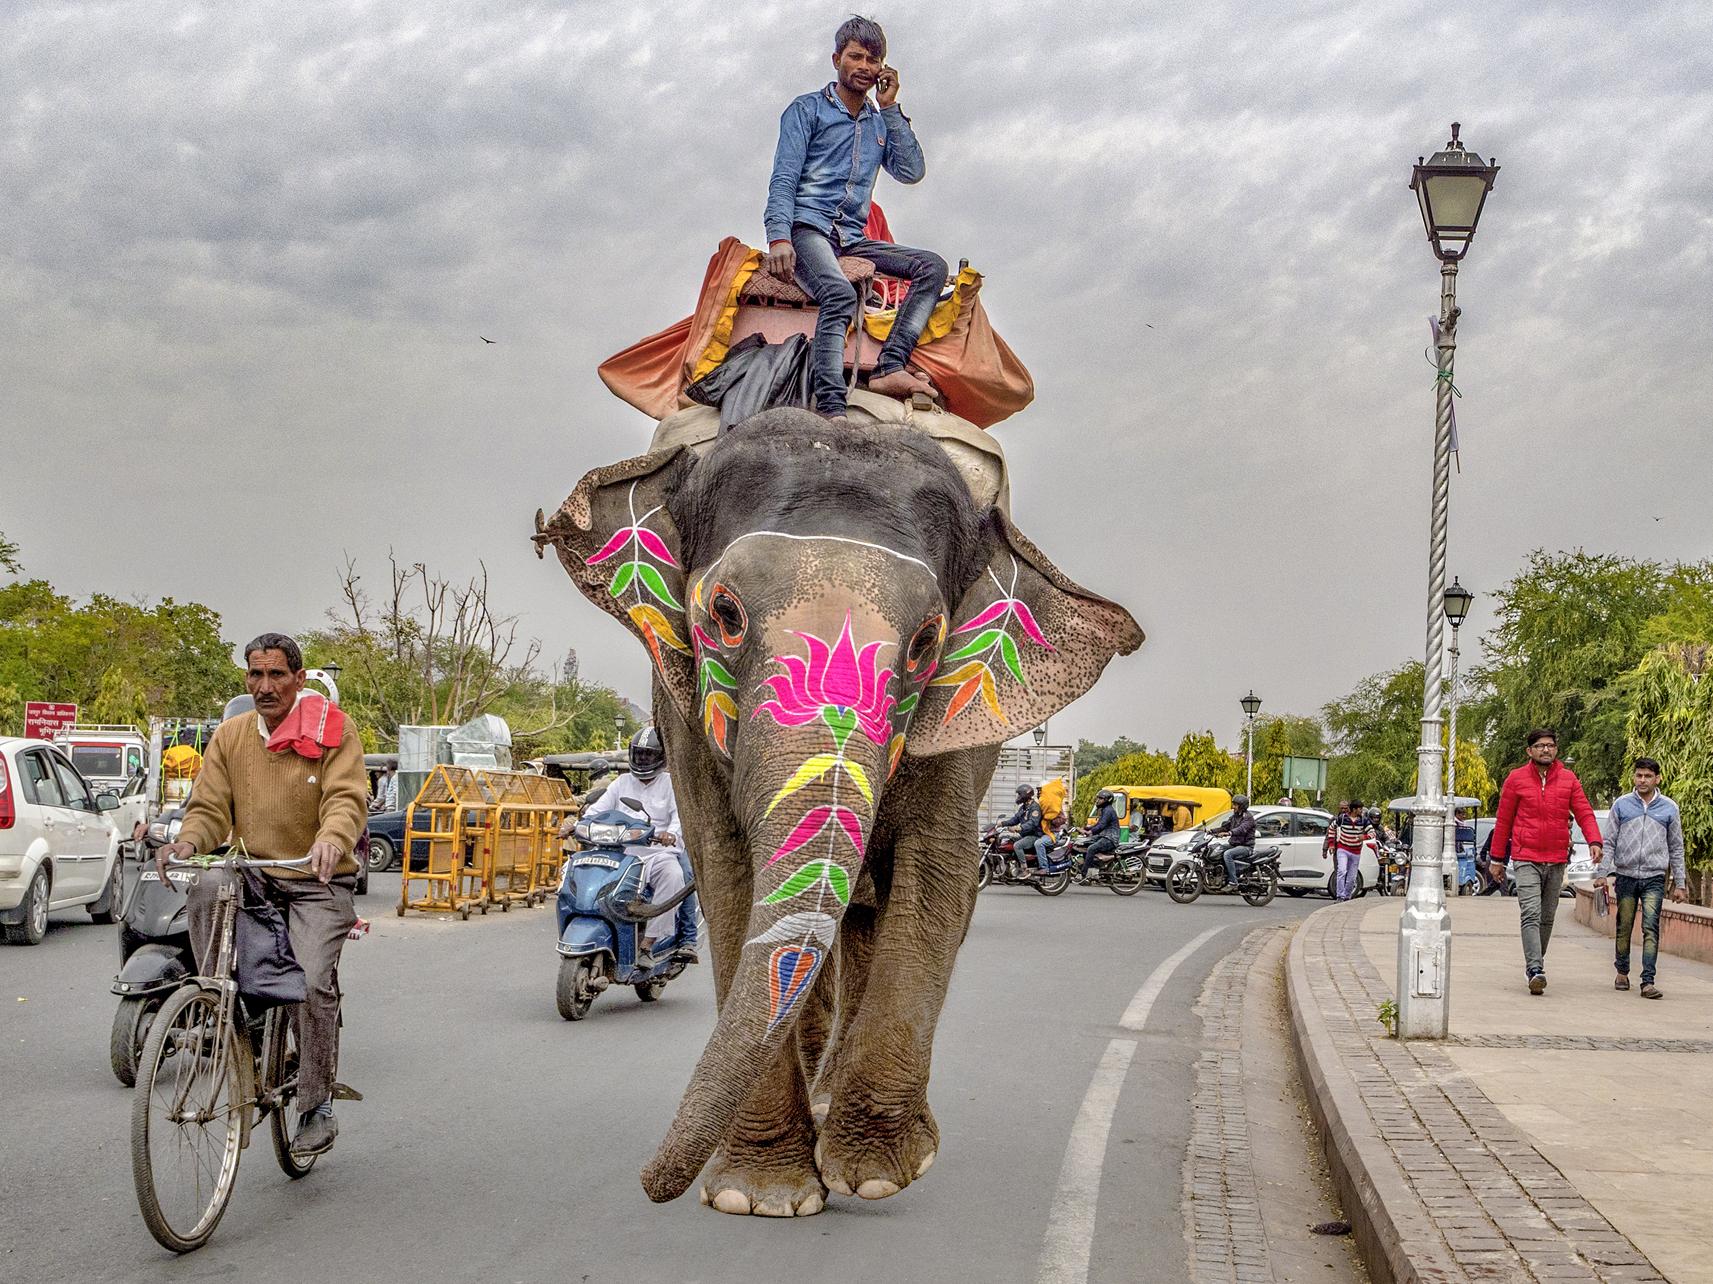 Downtown Jaipurjpg